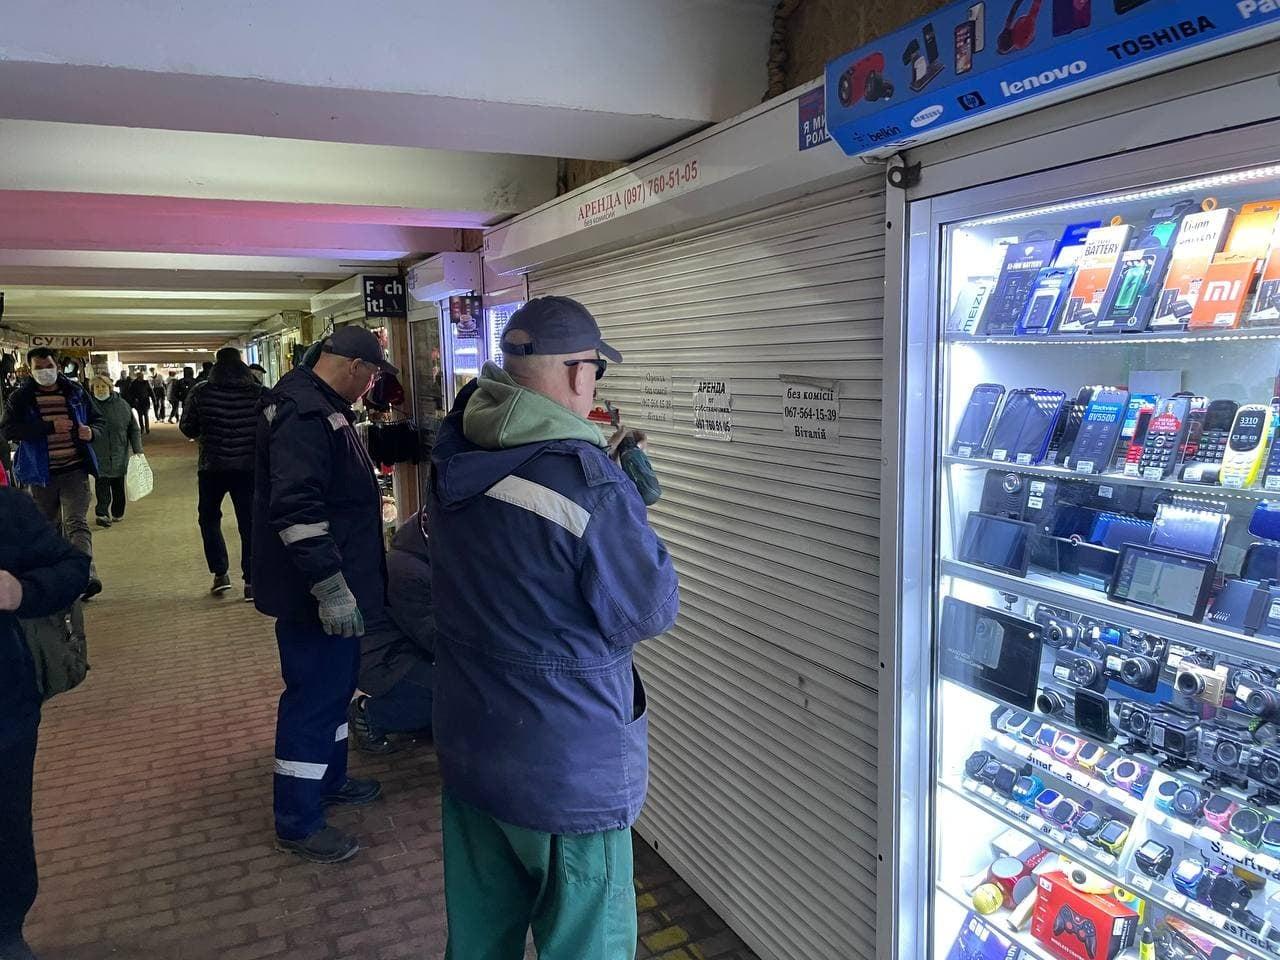 В переходах метро снесенные киоски заменяют на новые: свежие фото